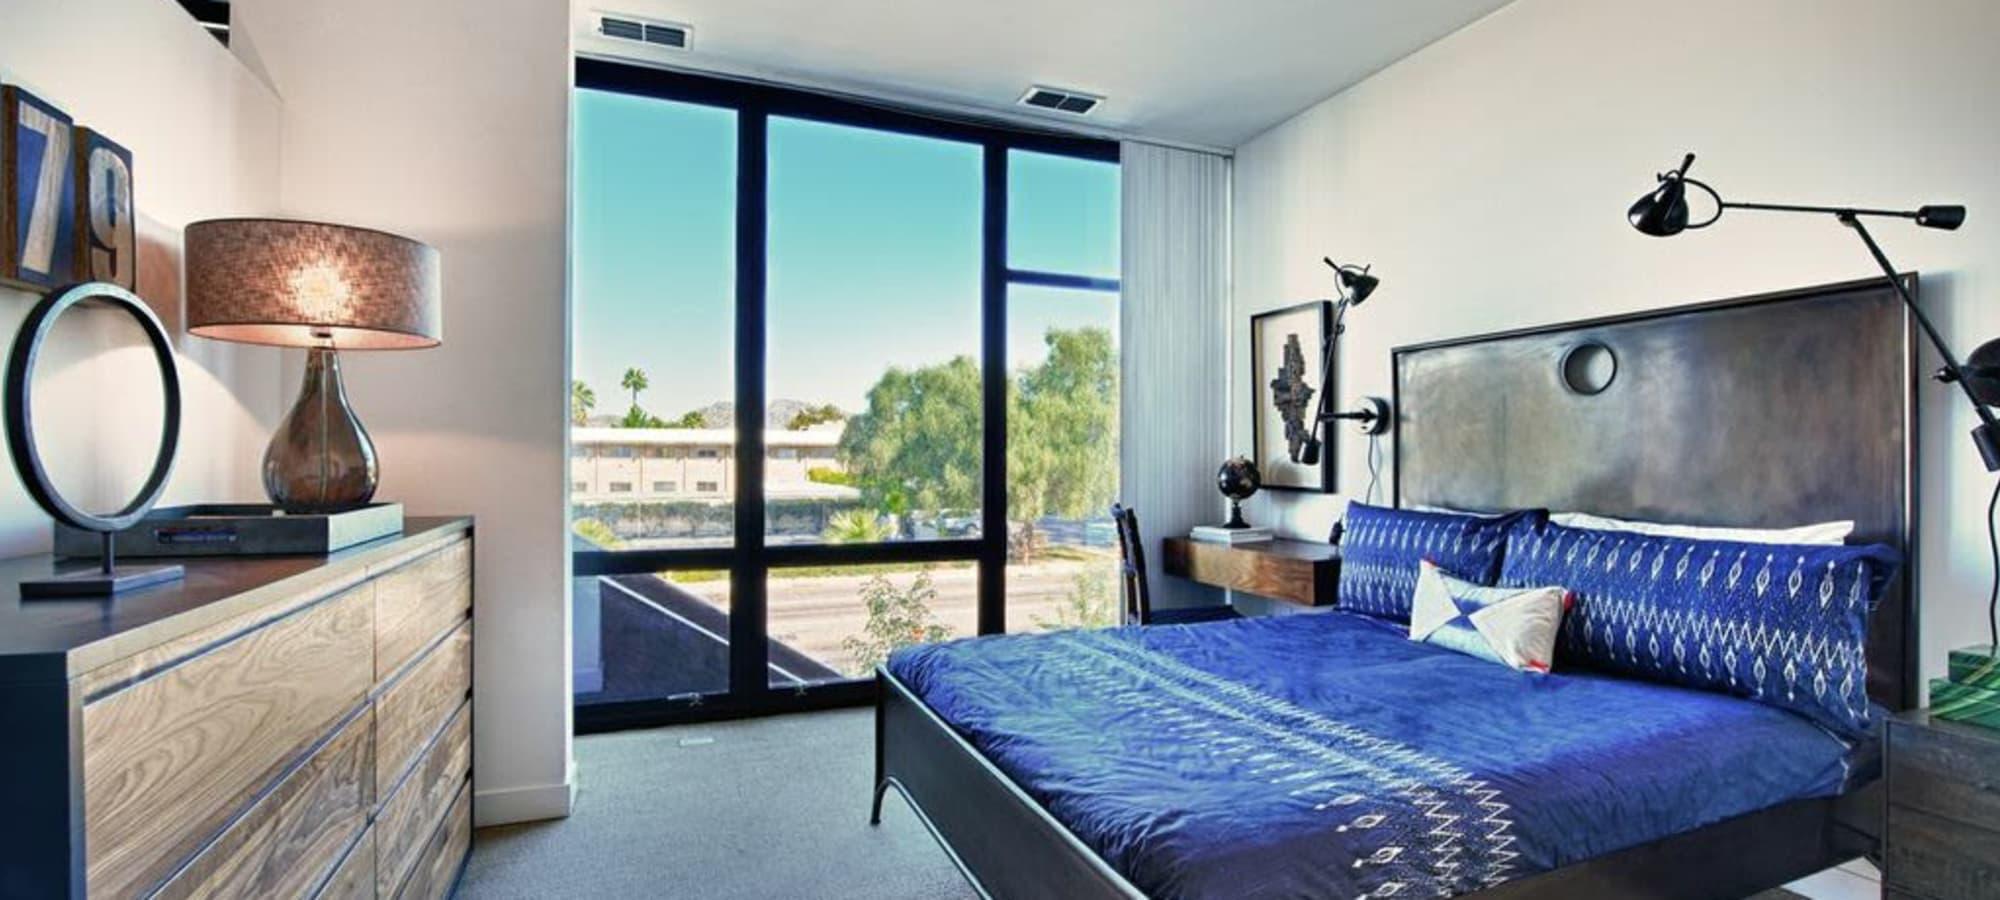 Luxury bedroom at apartments in Phoenix, Arizona